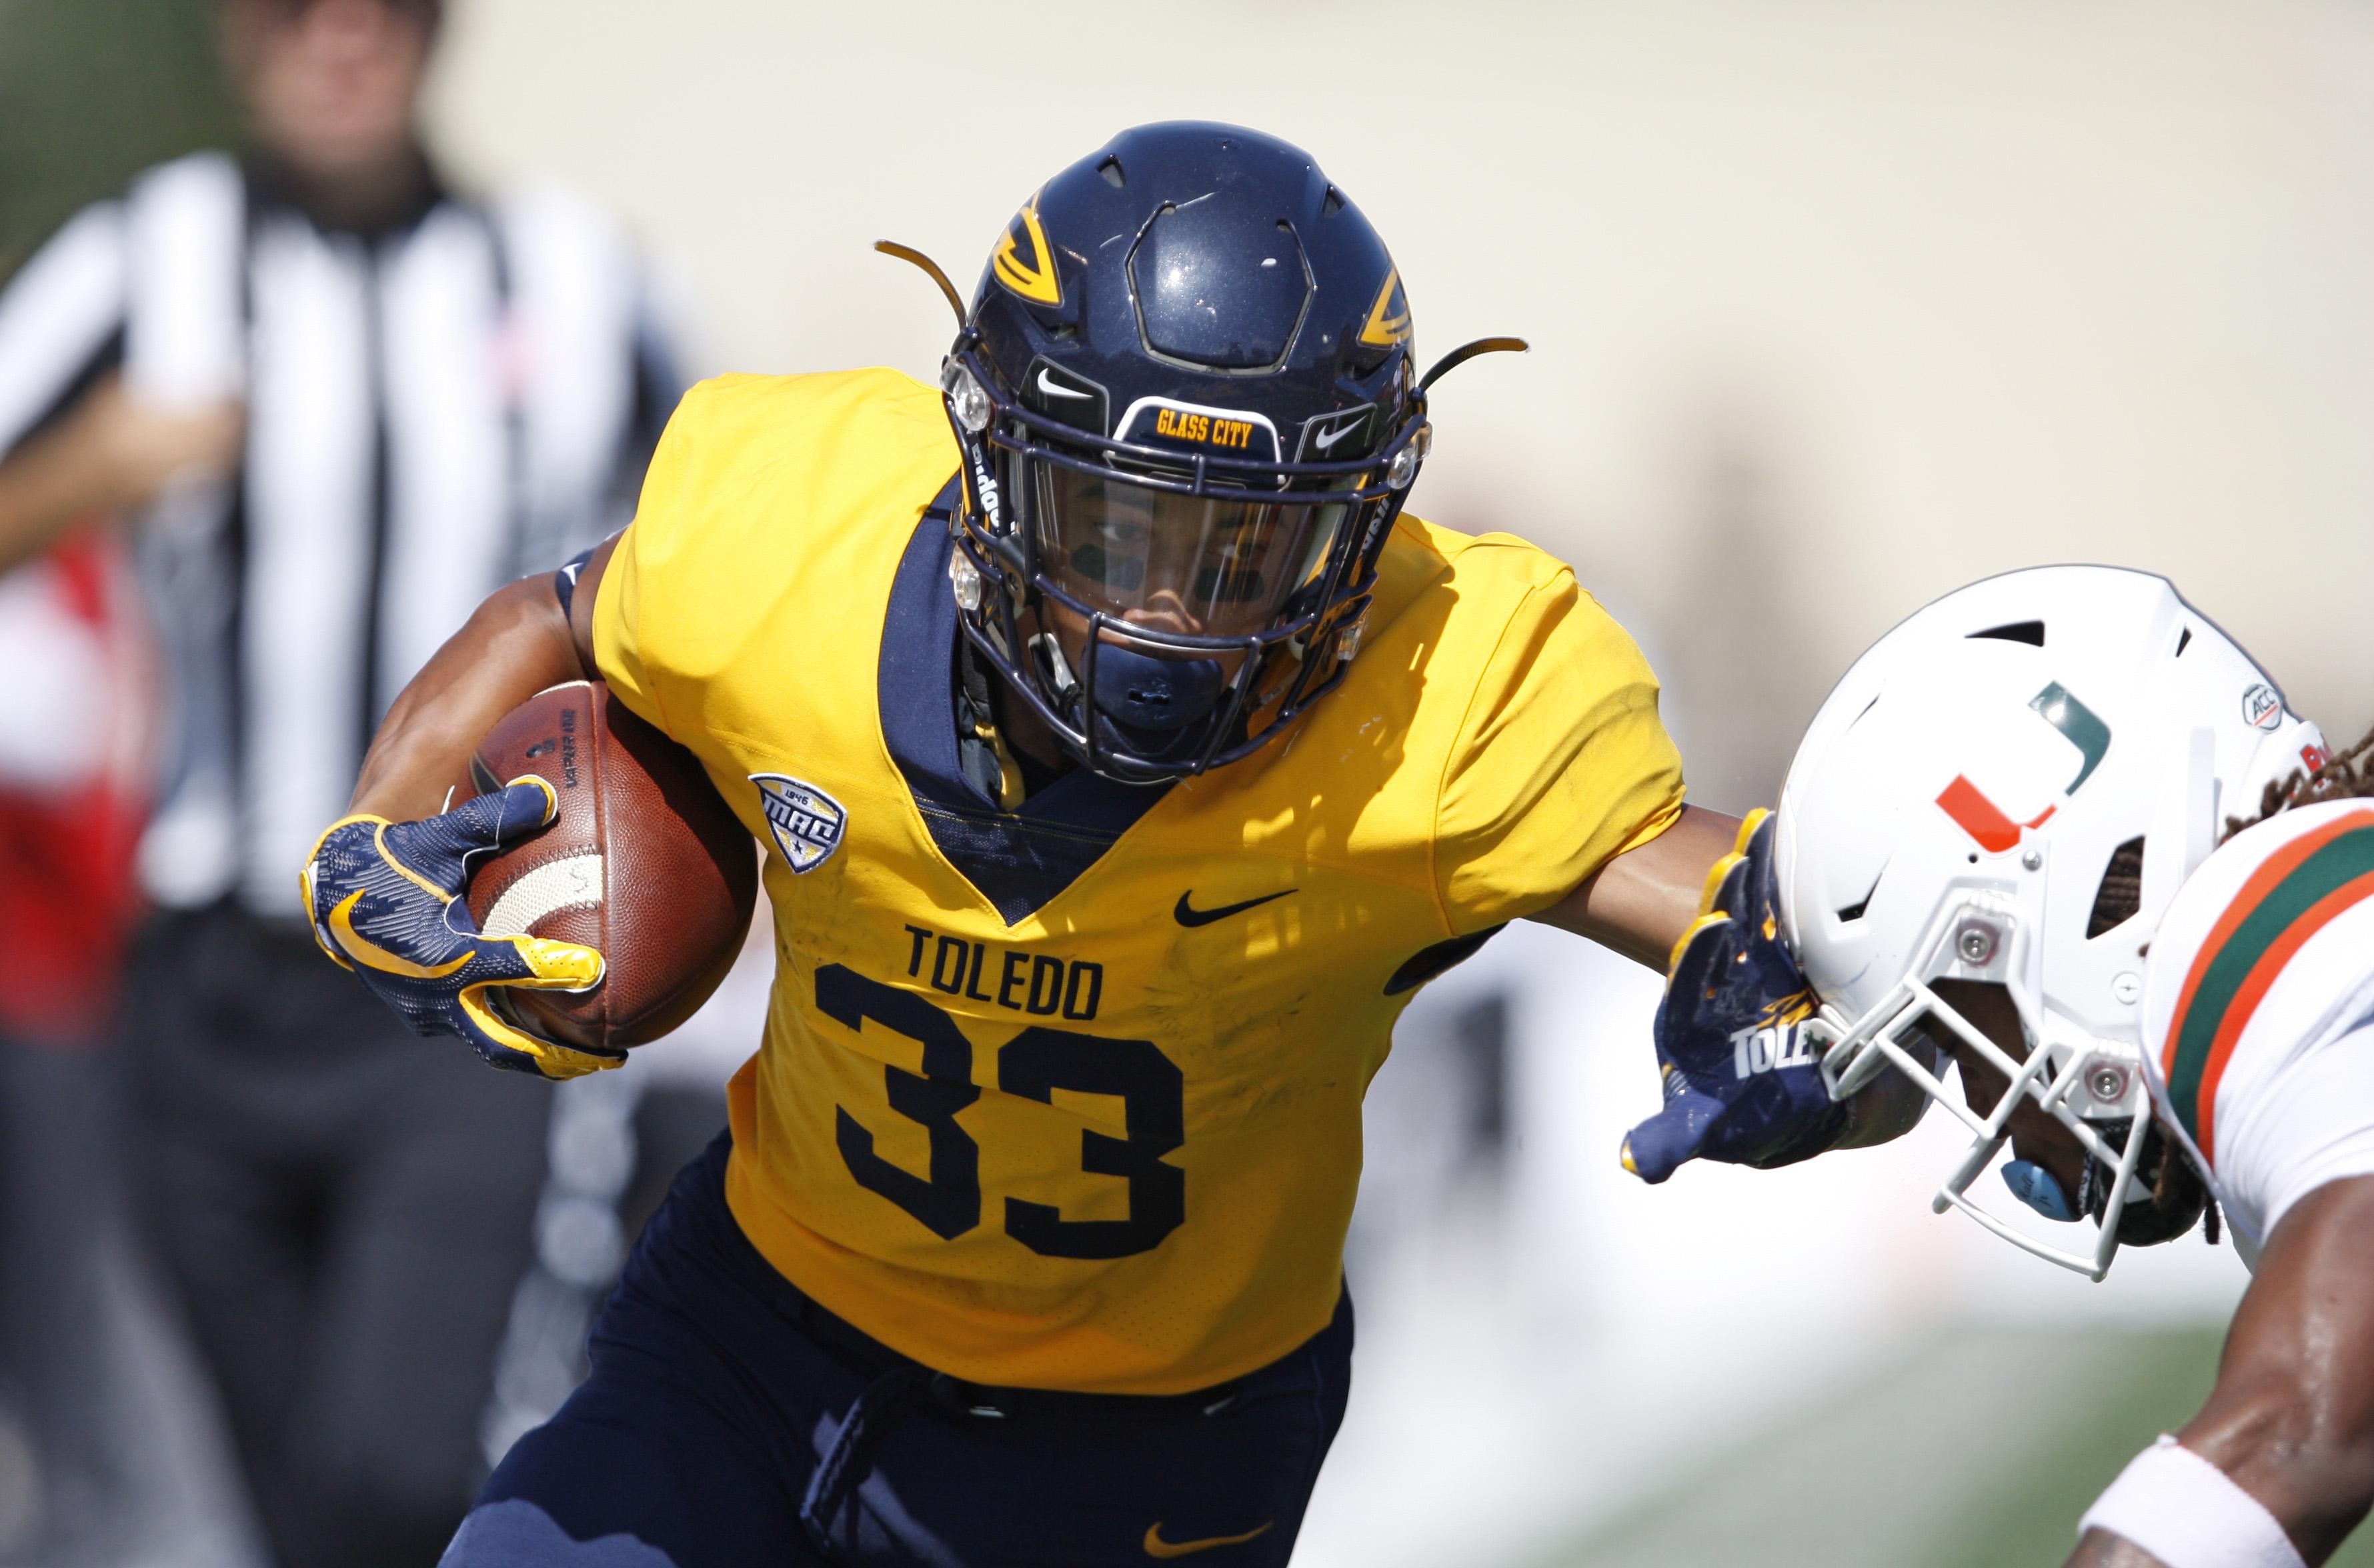 NCAA橄榄球赛:迈阿密在托莱多